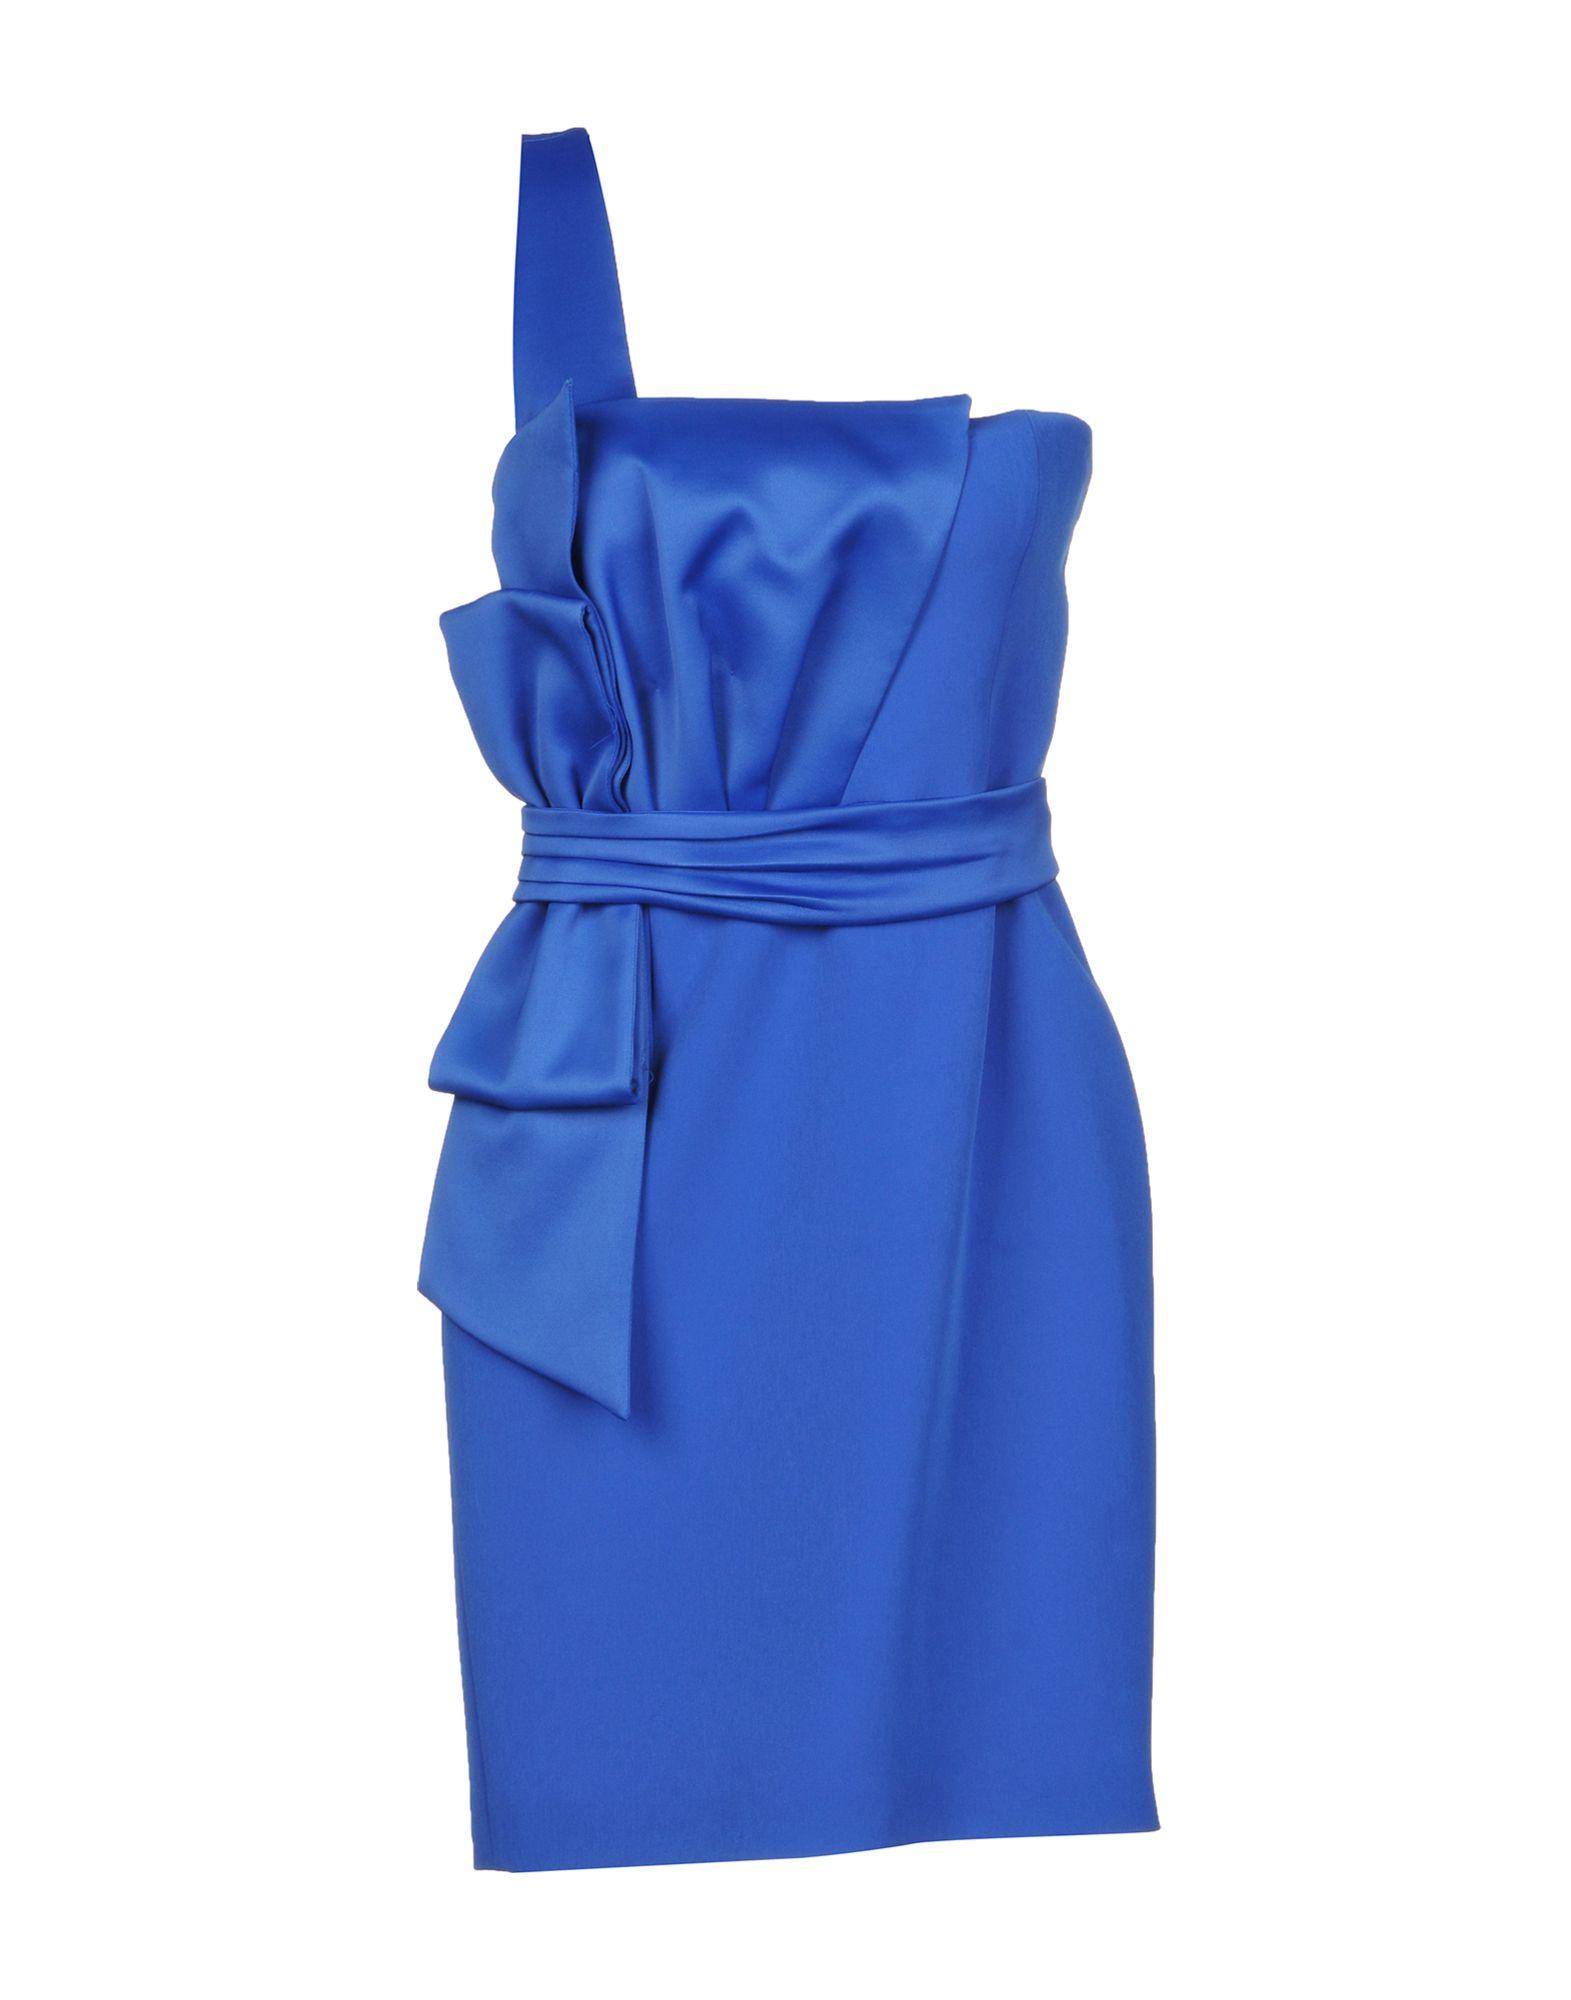 может платья синие на одно плечо фото хем получил всеобщее